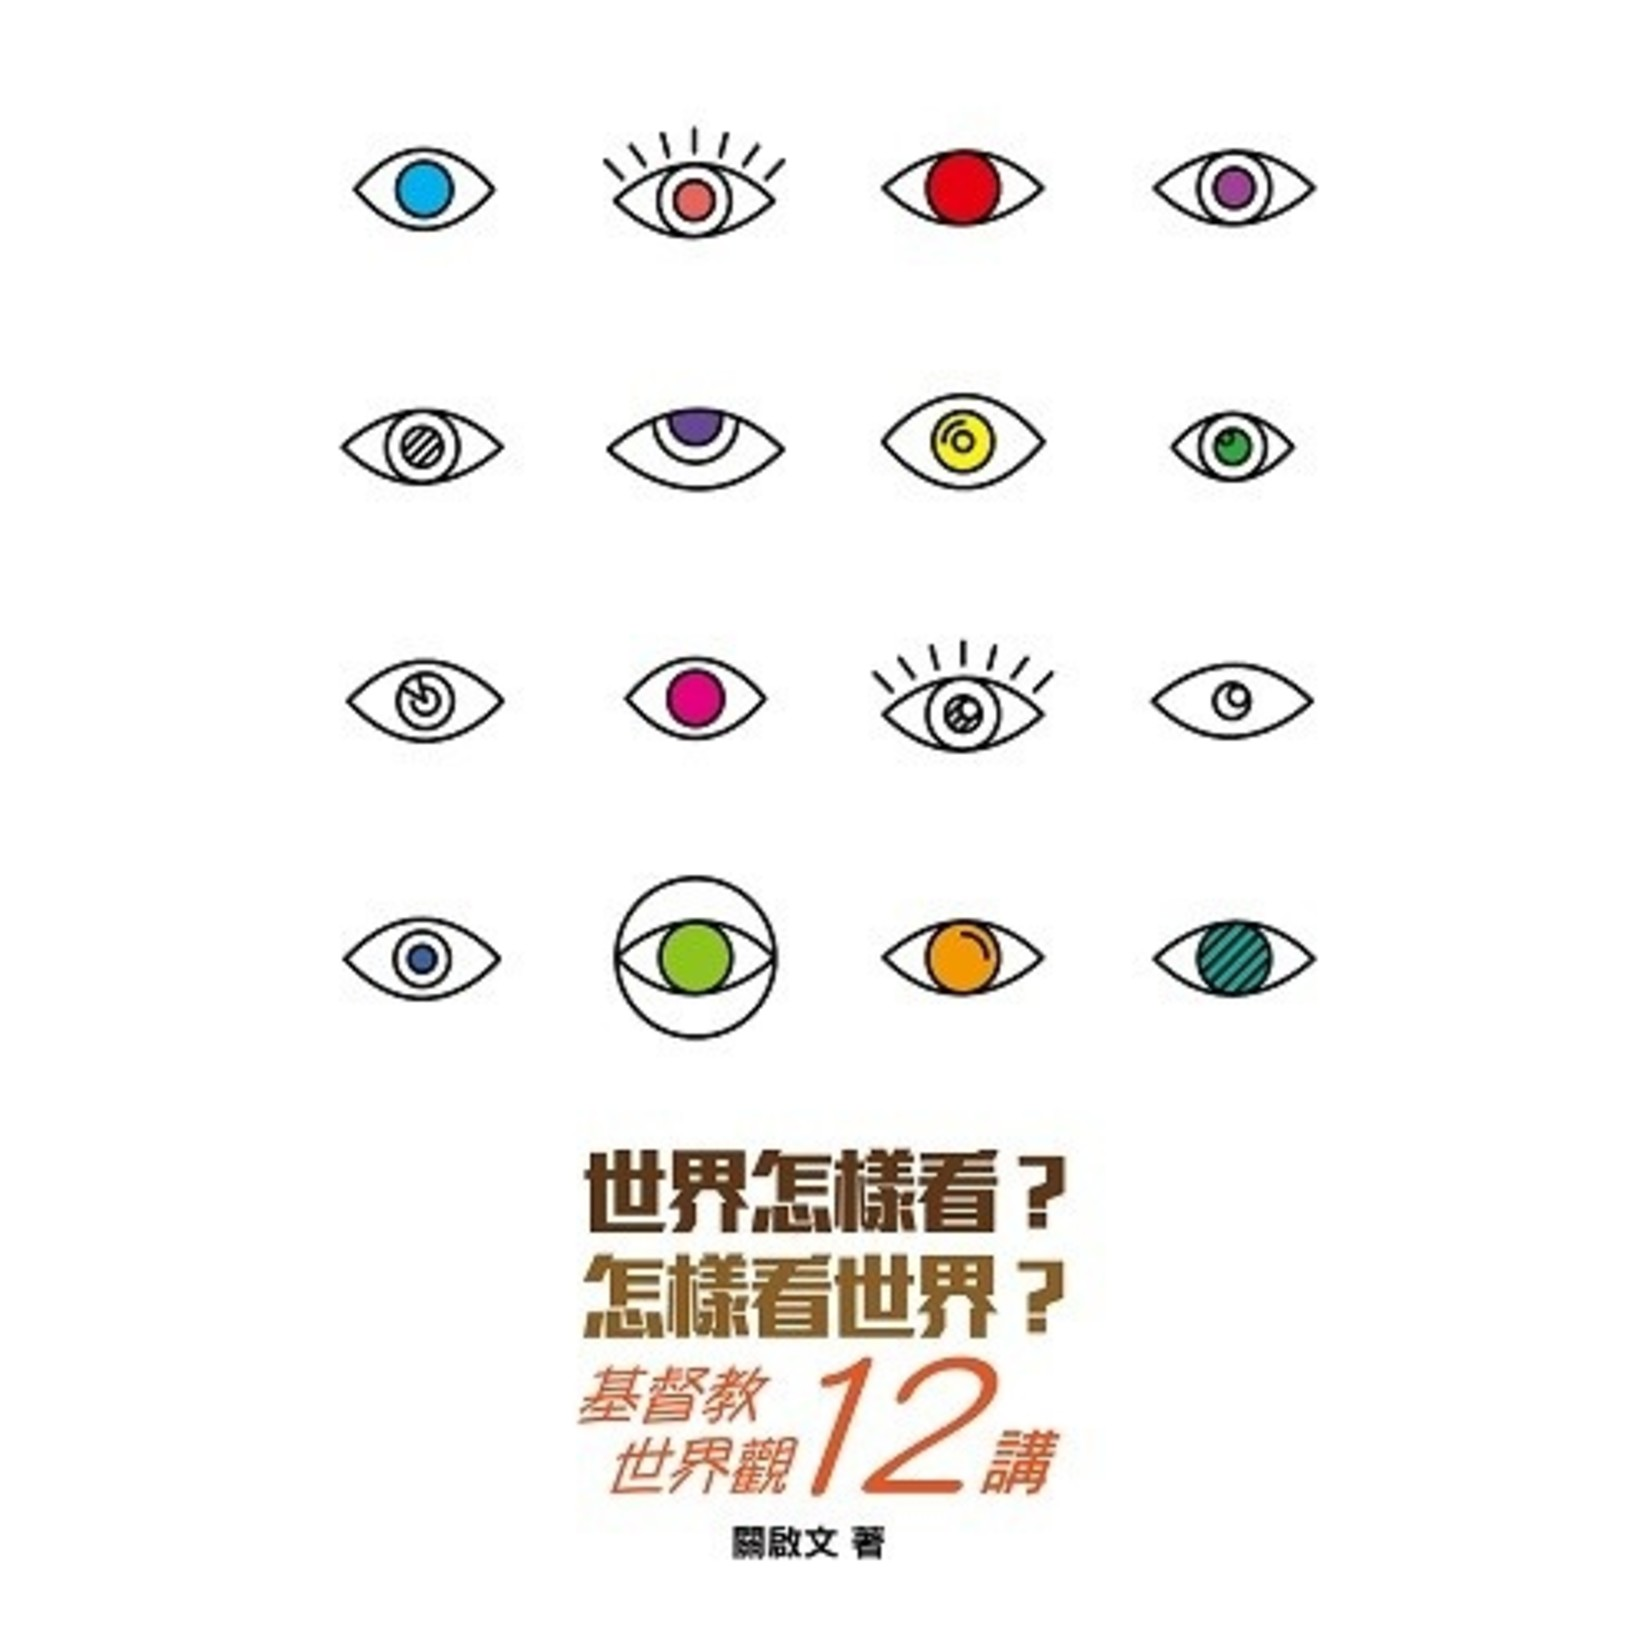 宣道 China Alliance Press 世界怎樣看?怎樣看世界?:基督教世界觀12講